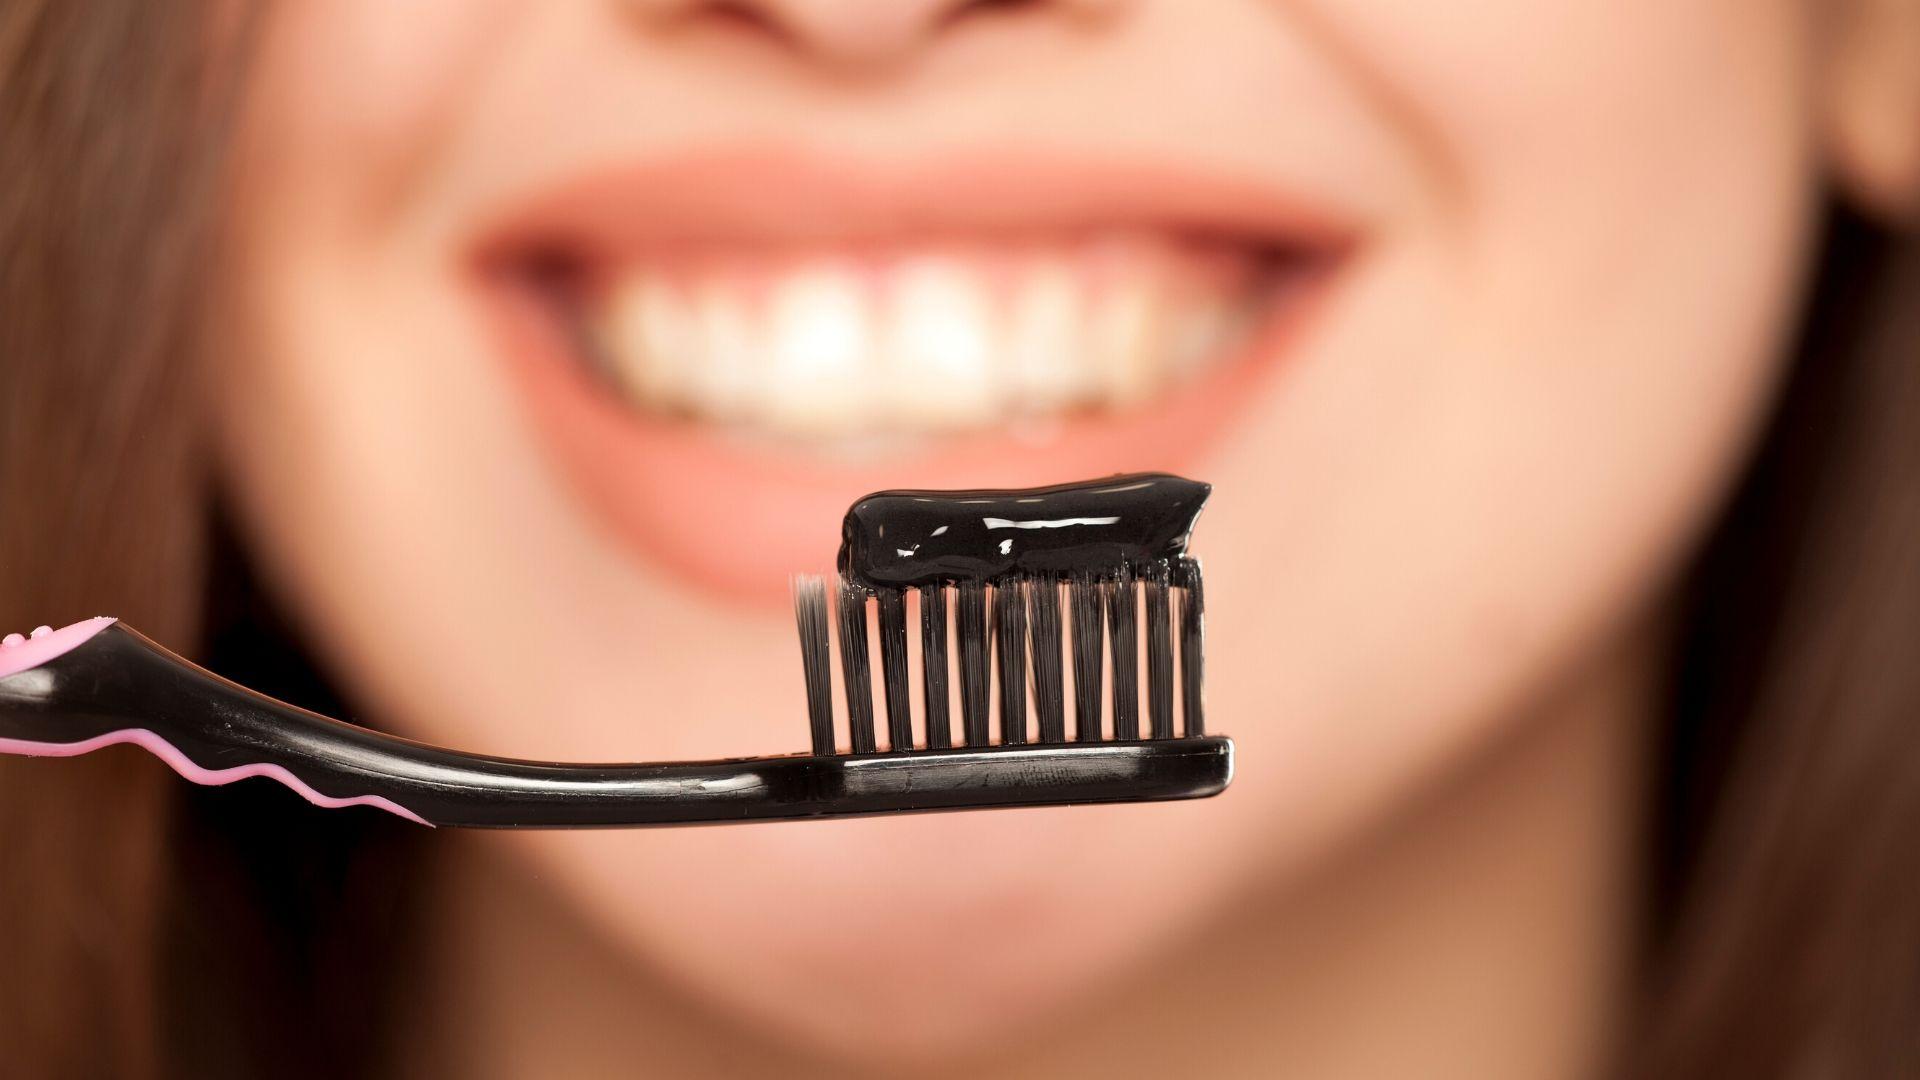 Mauvaise haleine et dentifrice